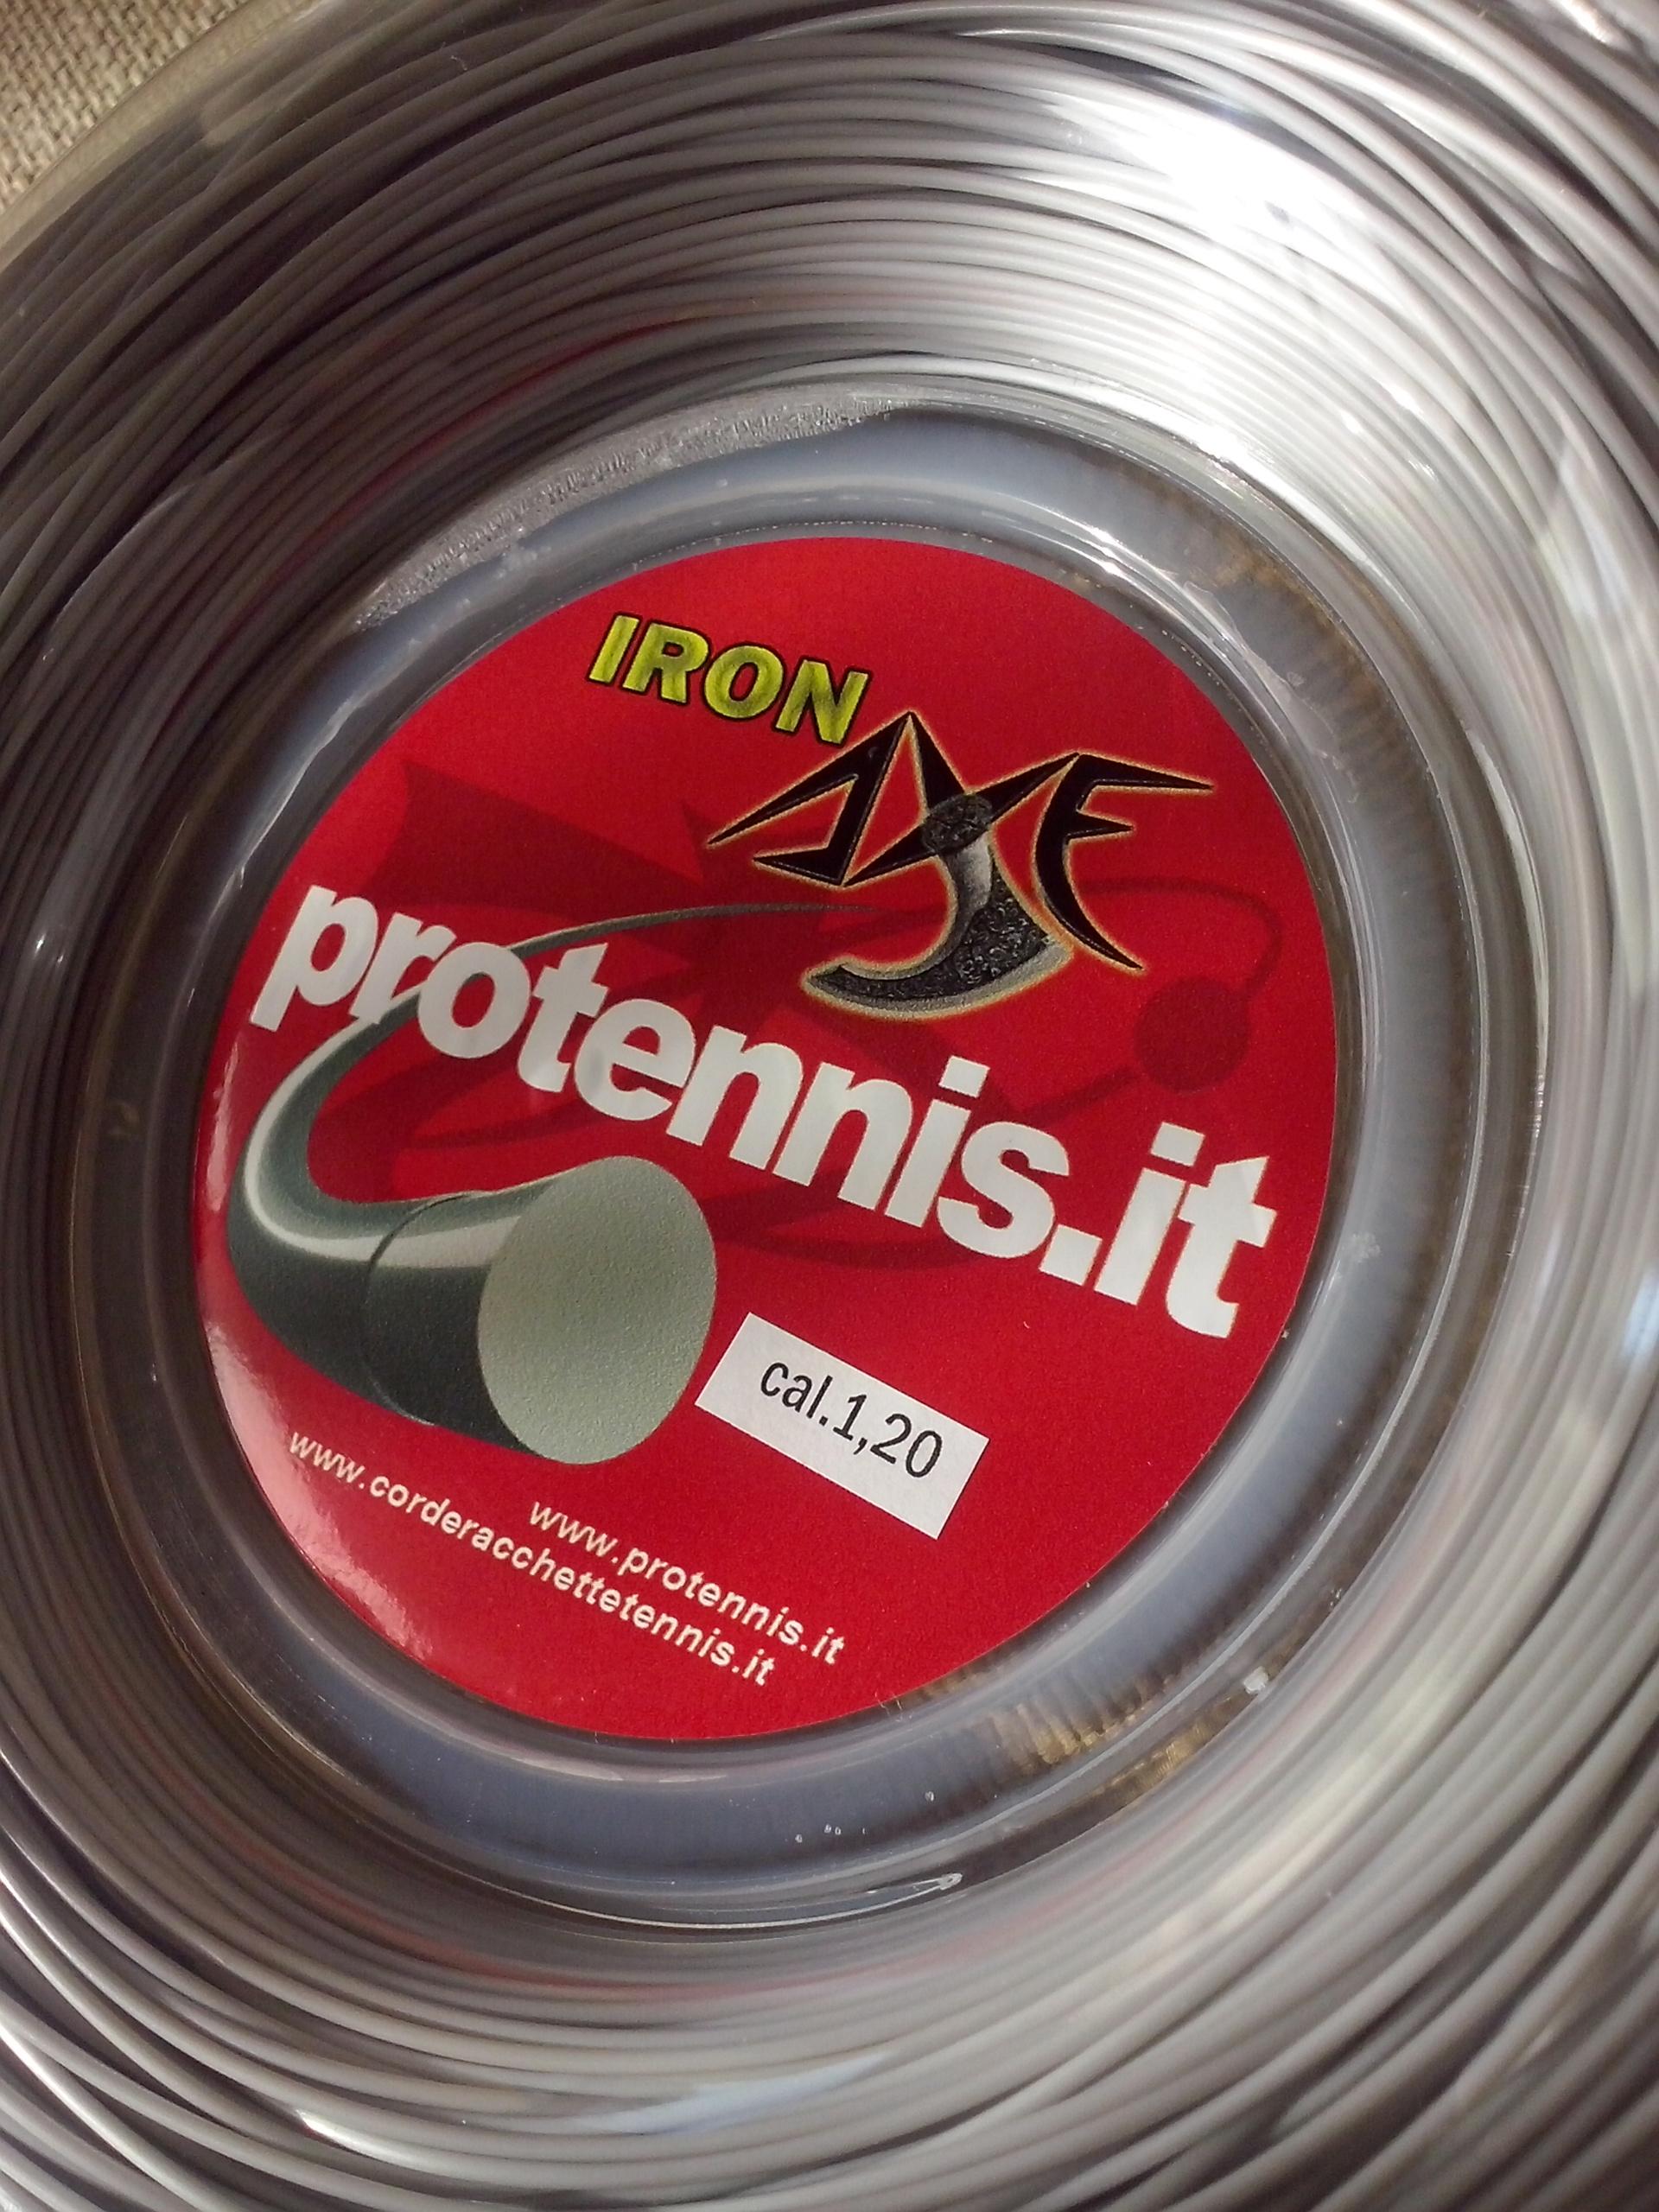 Protennis Iron Axe